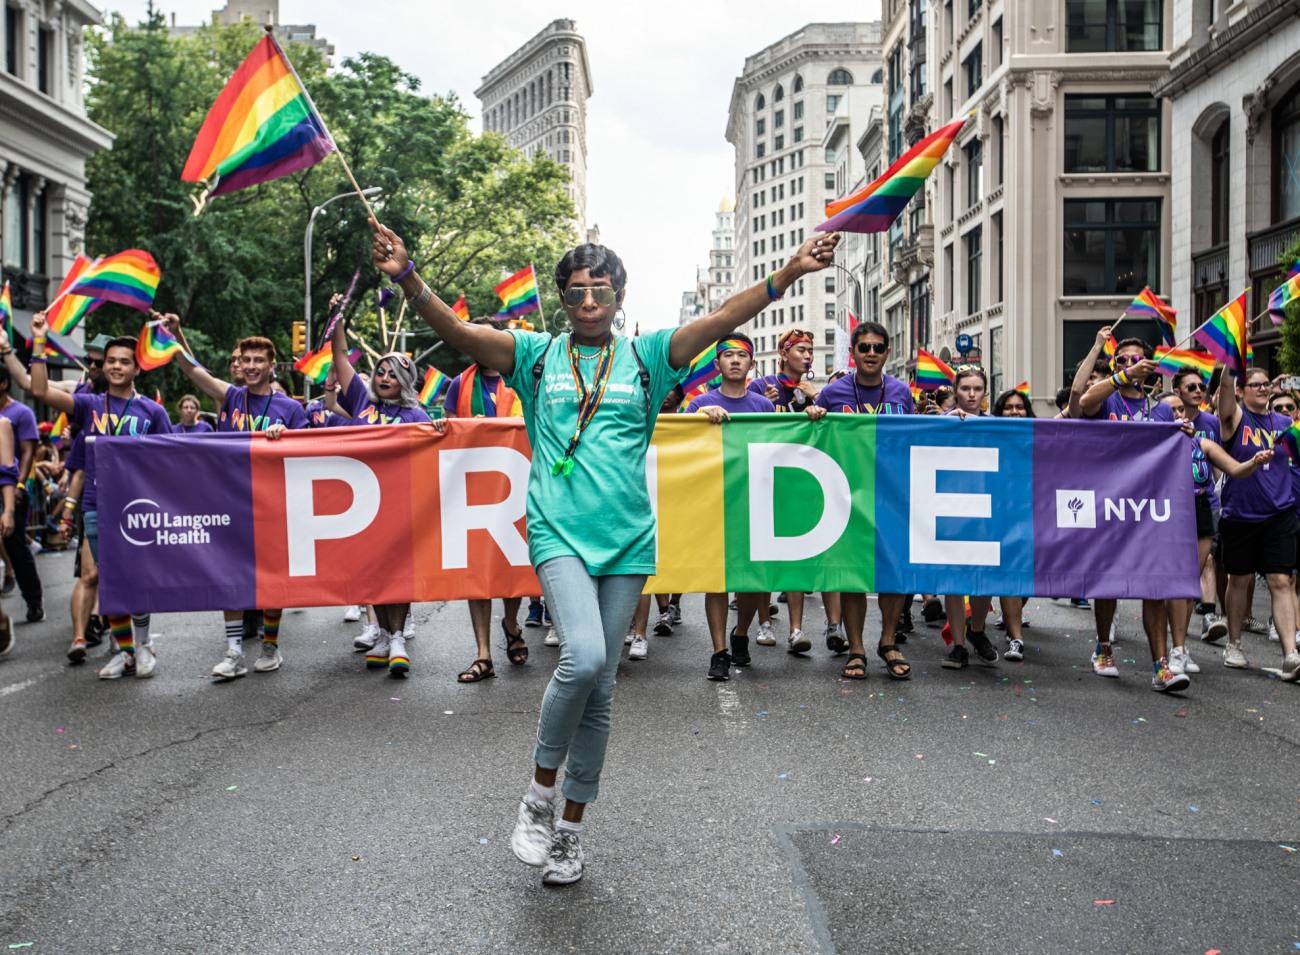 Pride Parade NYC 2018